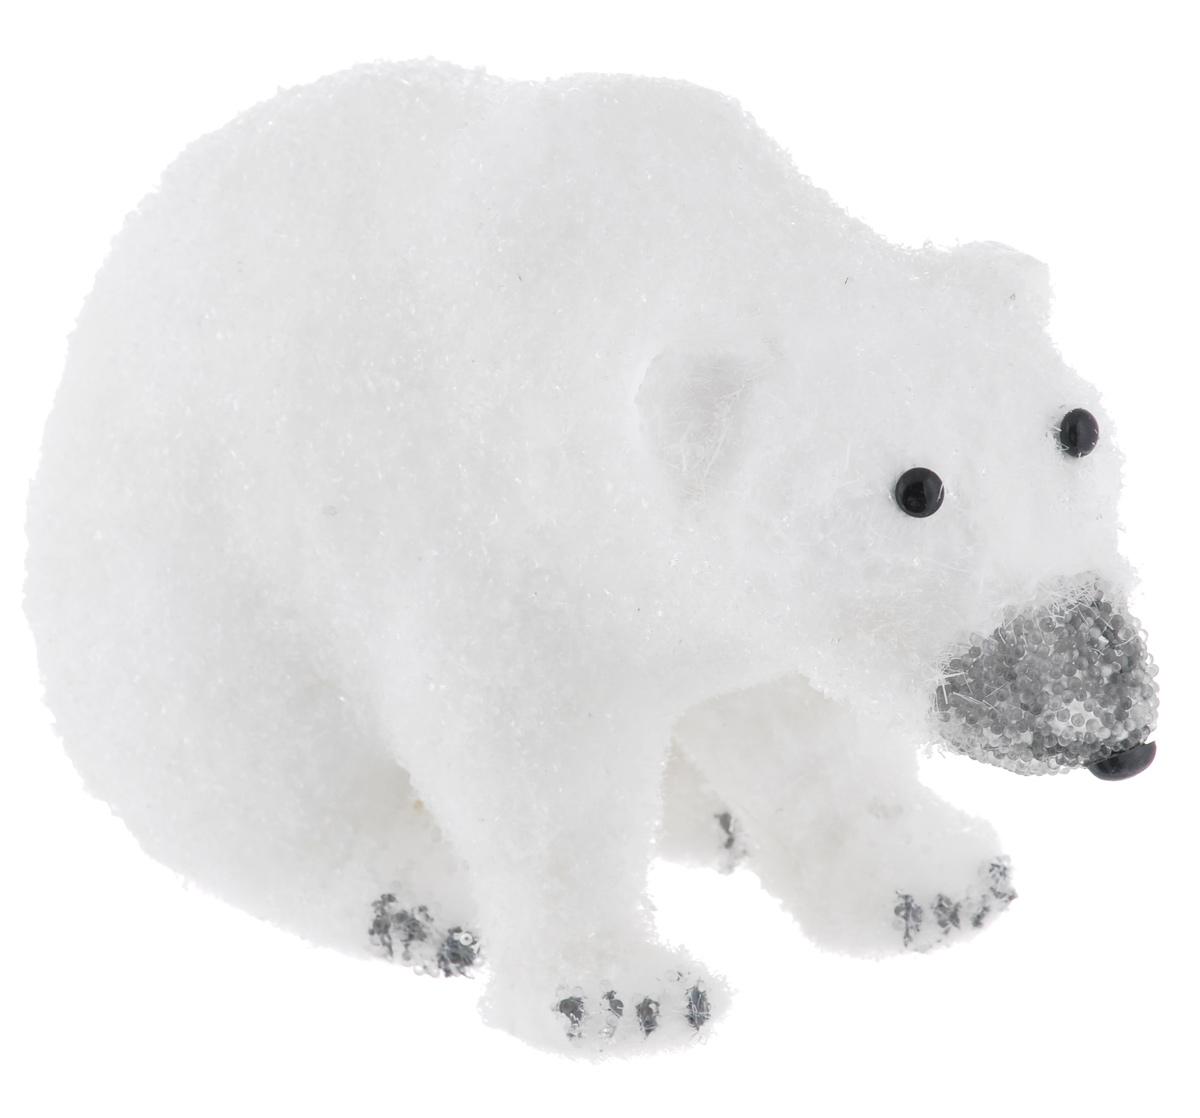 Фигурка декоративная Sima-land Медведь, 23 х 13 х 14 см538254Новогодняя декоративная фигурка Sima-land Медведь выполнена в виде медведя из пенопласта и искусственного волокна, и оформлена пластиковой крошкой. Такая оригинальная фигурка подойдет для оформления новогоднего интерьера и принесет с собой атмосферу радости и веселья, а также станет замечательным подарком для друзей и близких. Материал: пенопласт, искусственное волокно, пластик.